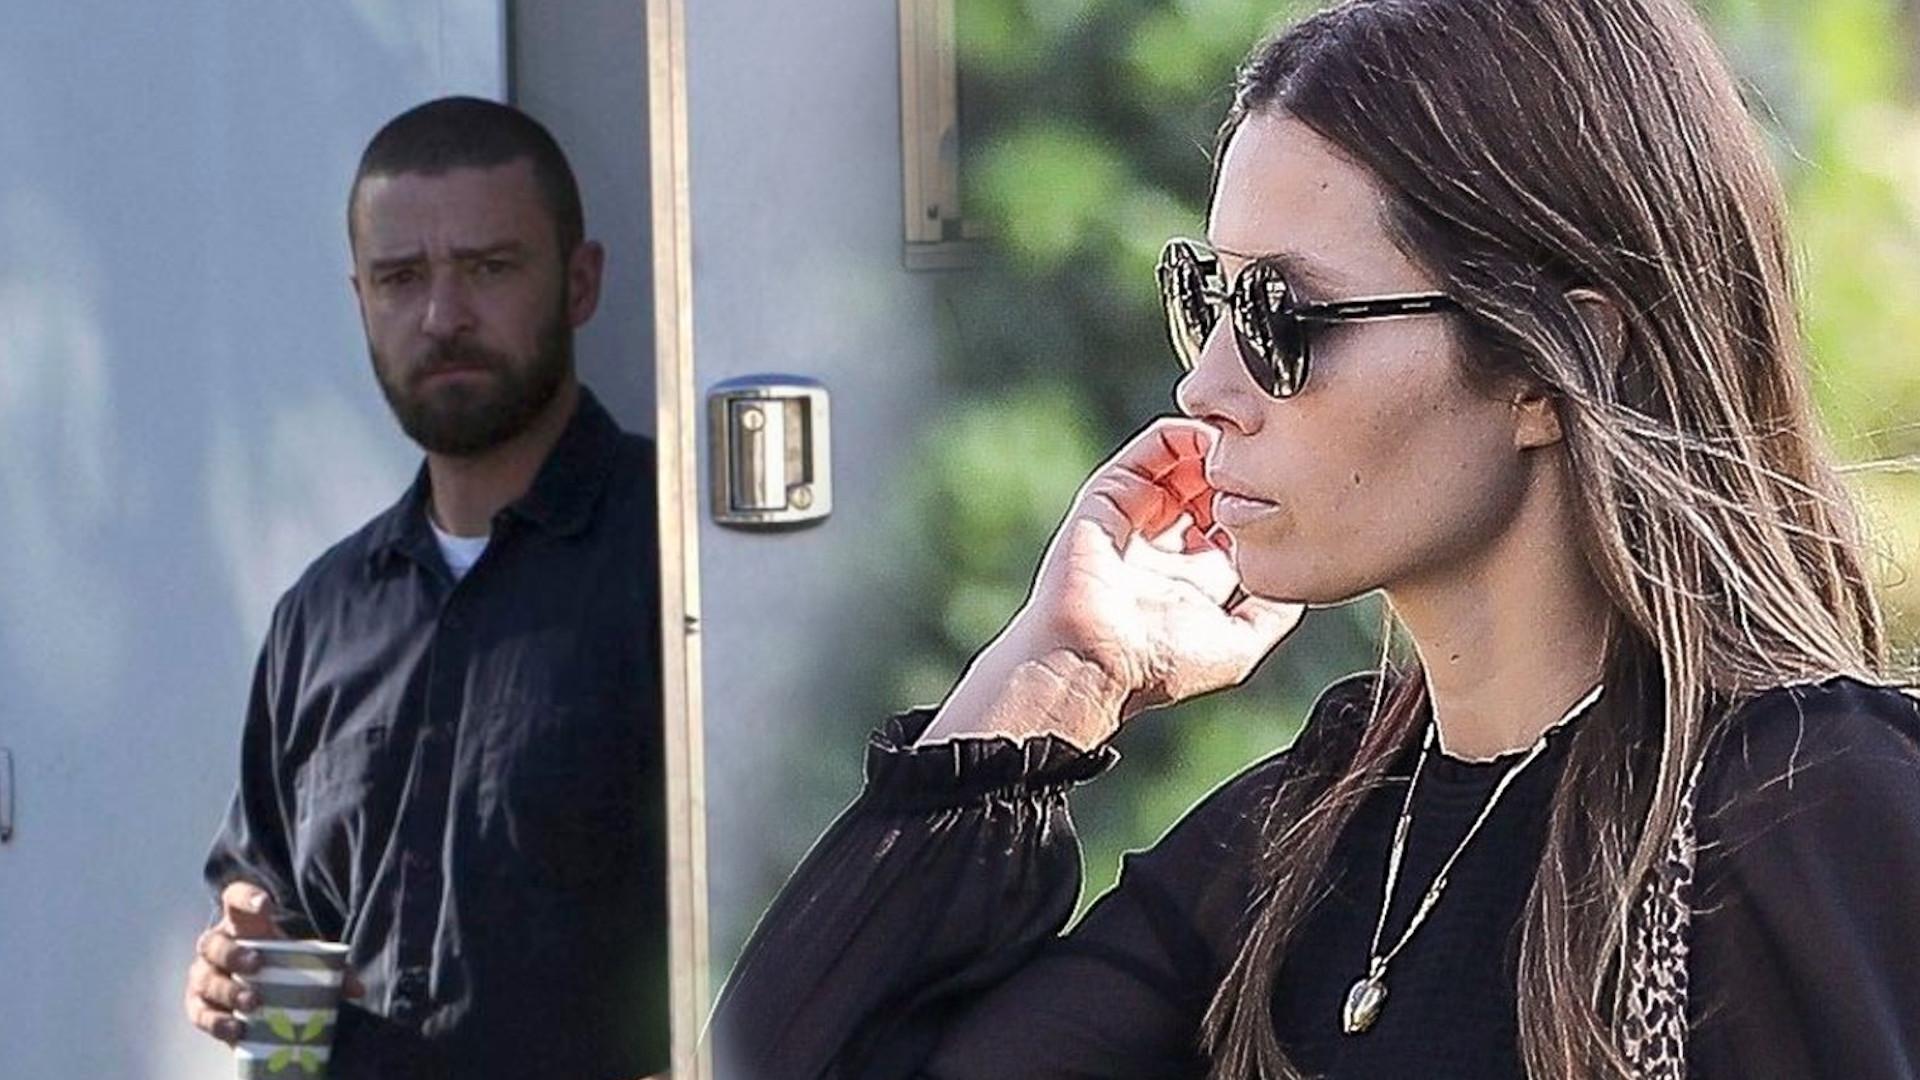 Co się dzieje w związku Justina Timberlake'a i Jessiki Biel? W listopadzie wyciekły zdjęcia muzyka z inną kobietą